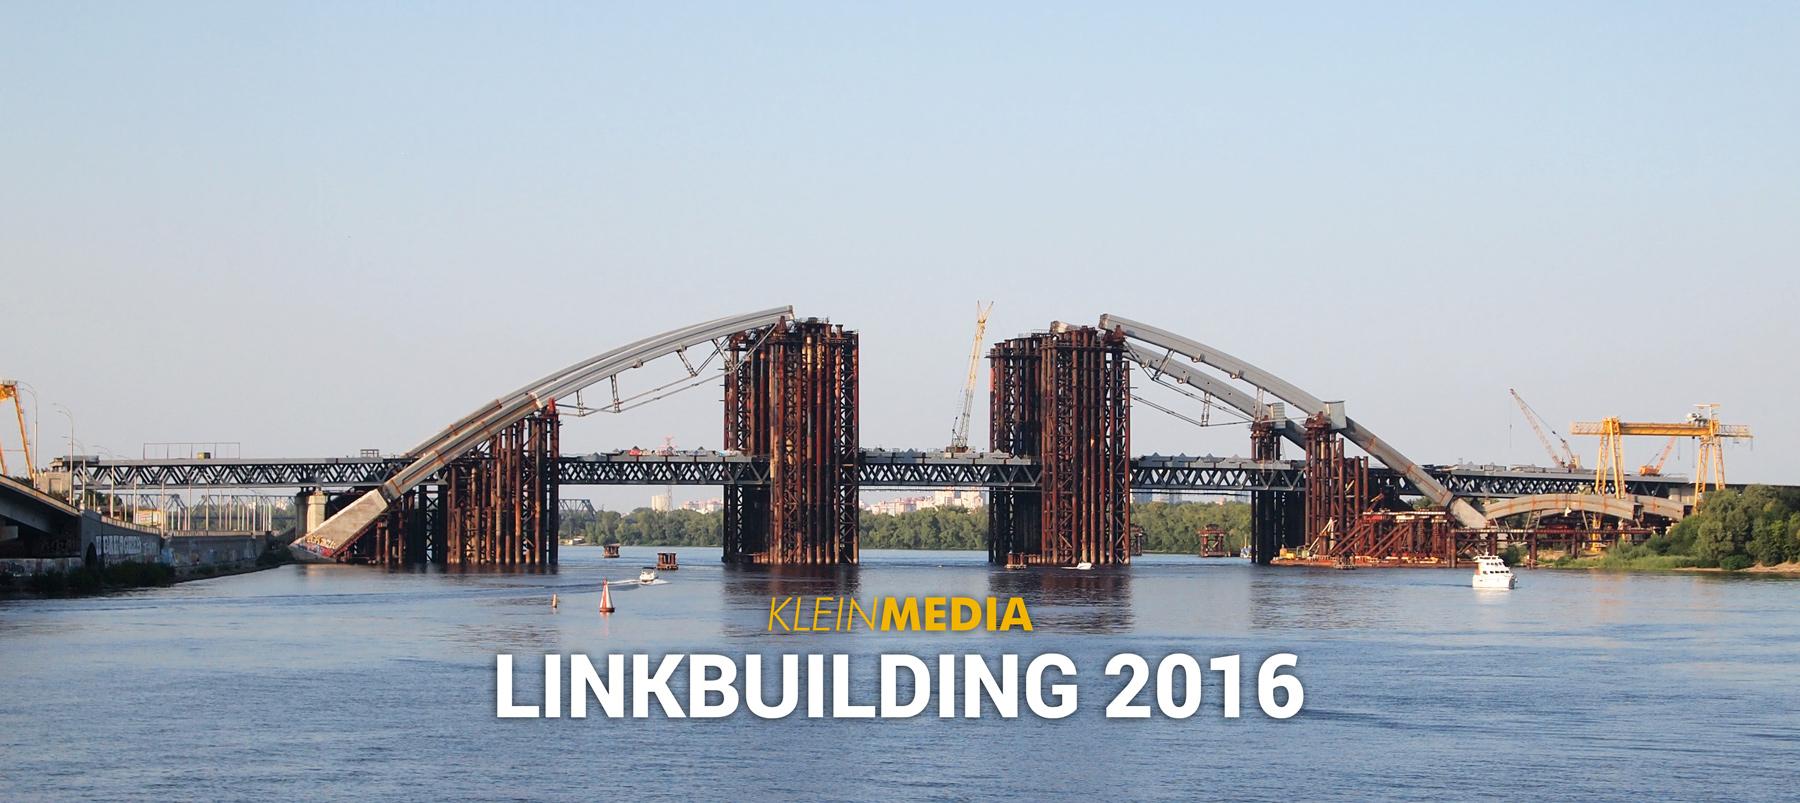 Hoe werkt linkbuilding & linkruil anno 2016